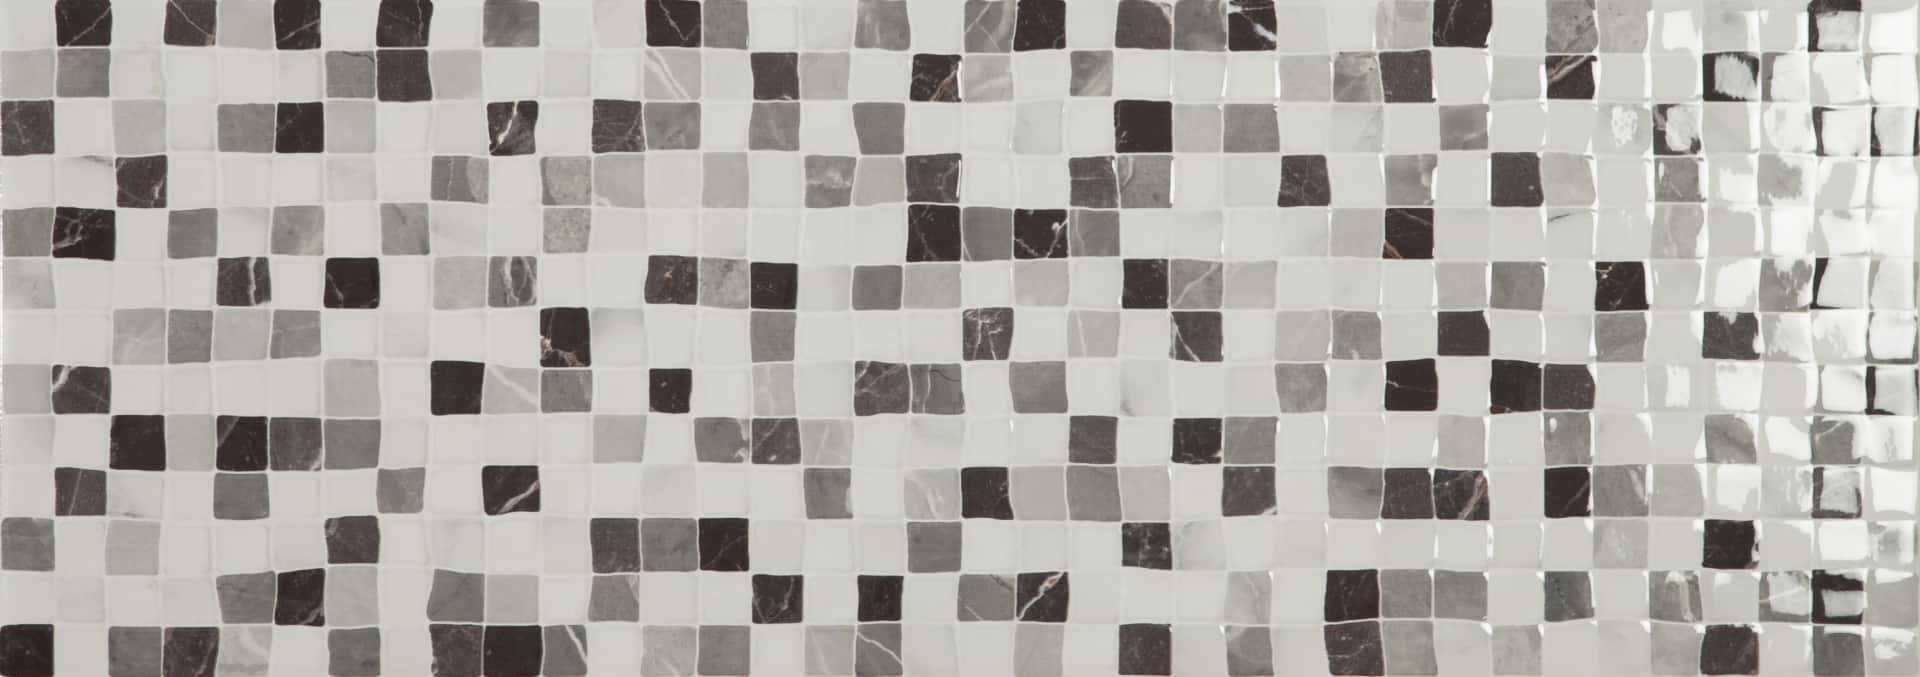 Faianță pentru baie Ecoceramic Venezia Calacatta Tesela Calacata 250x700 texturată și lucioasă alb / 9